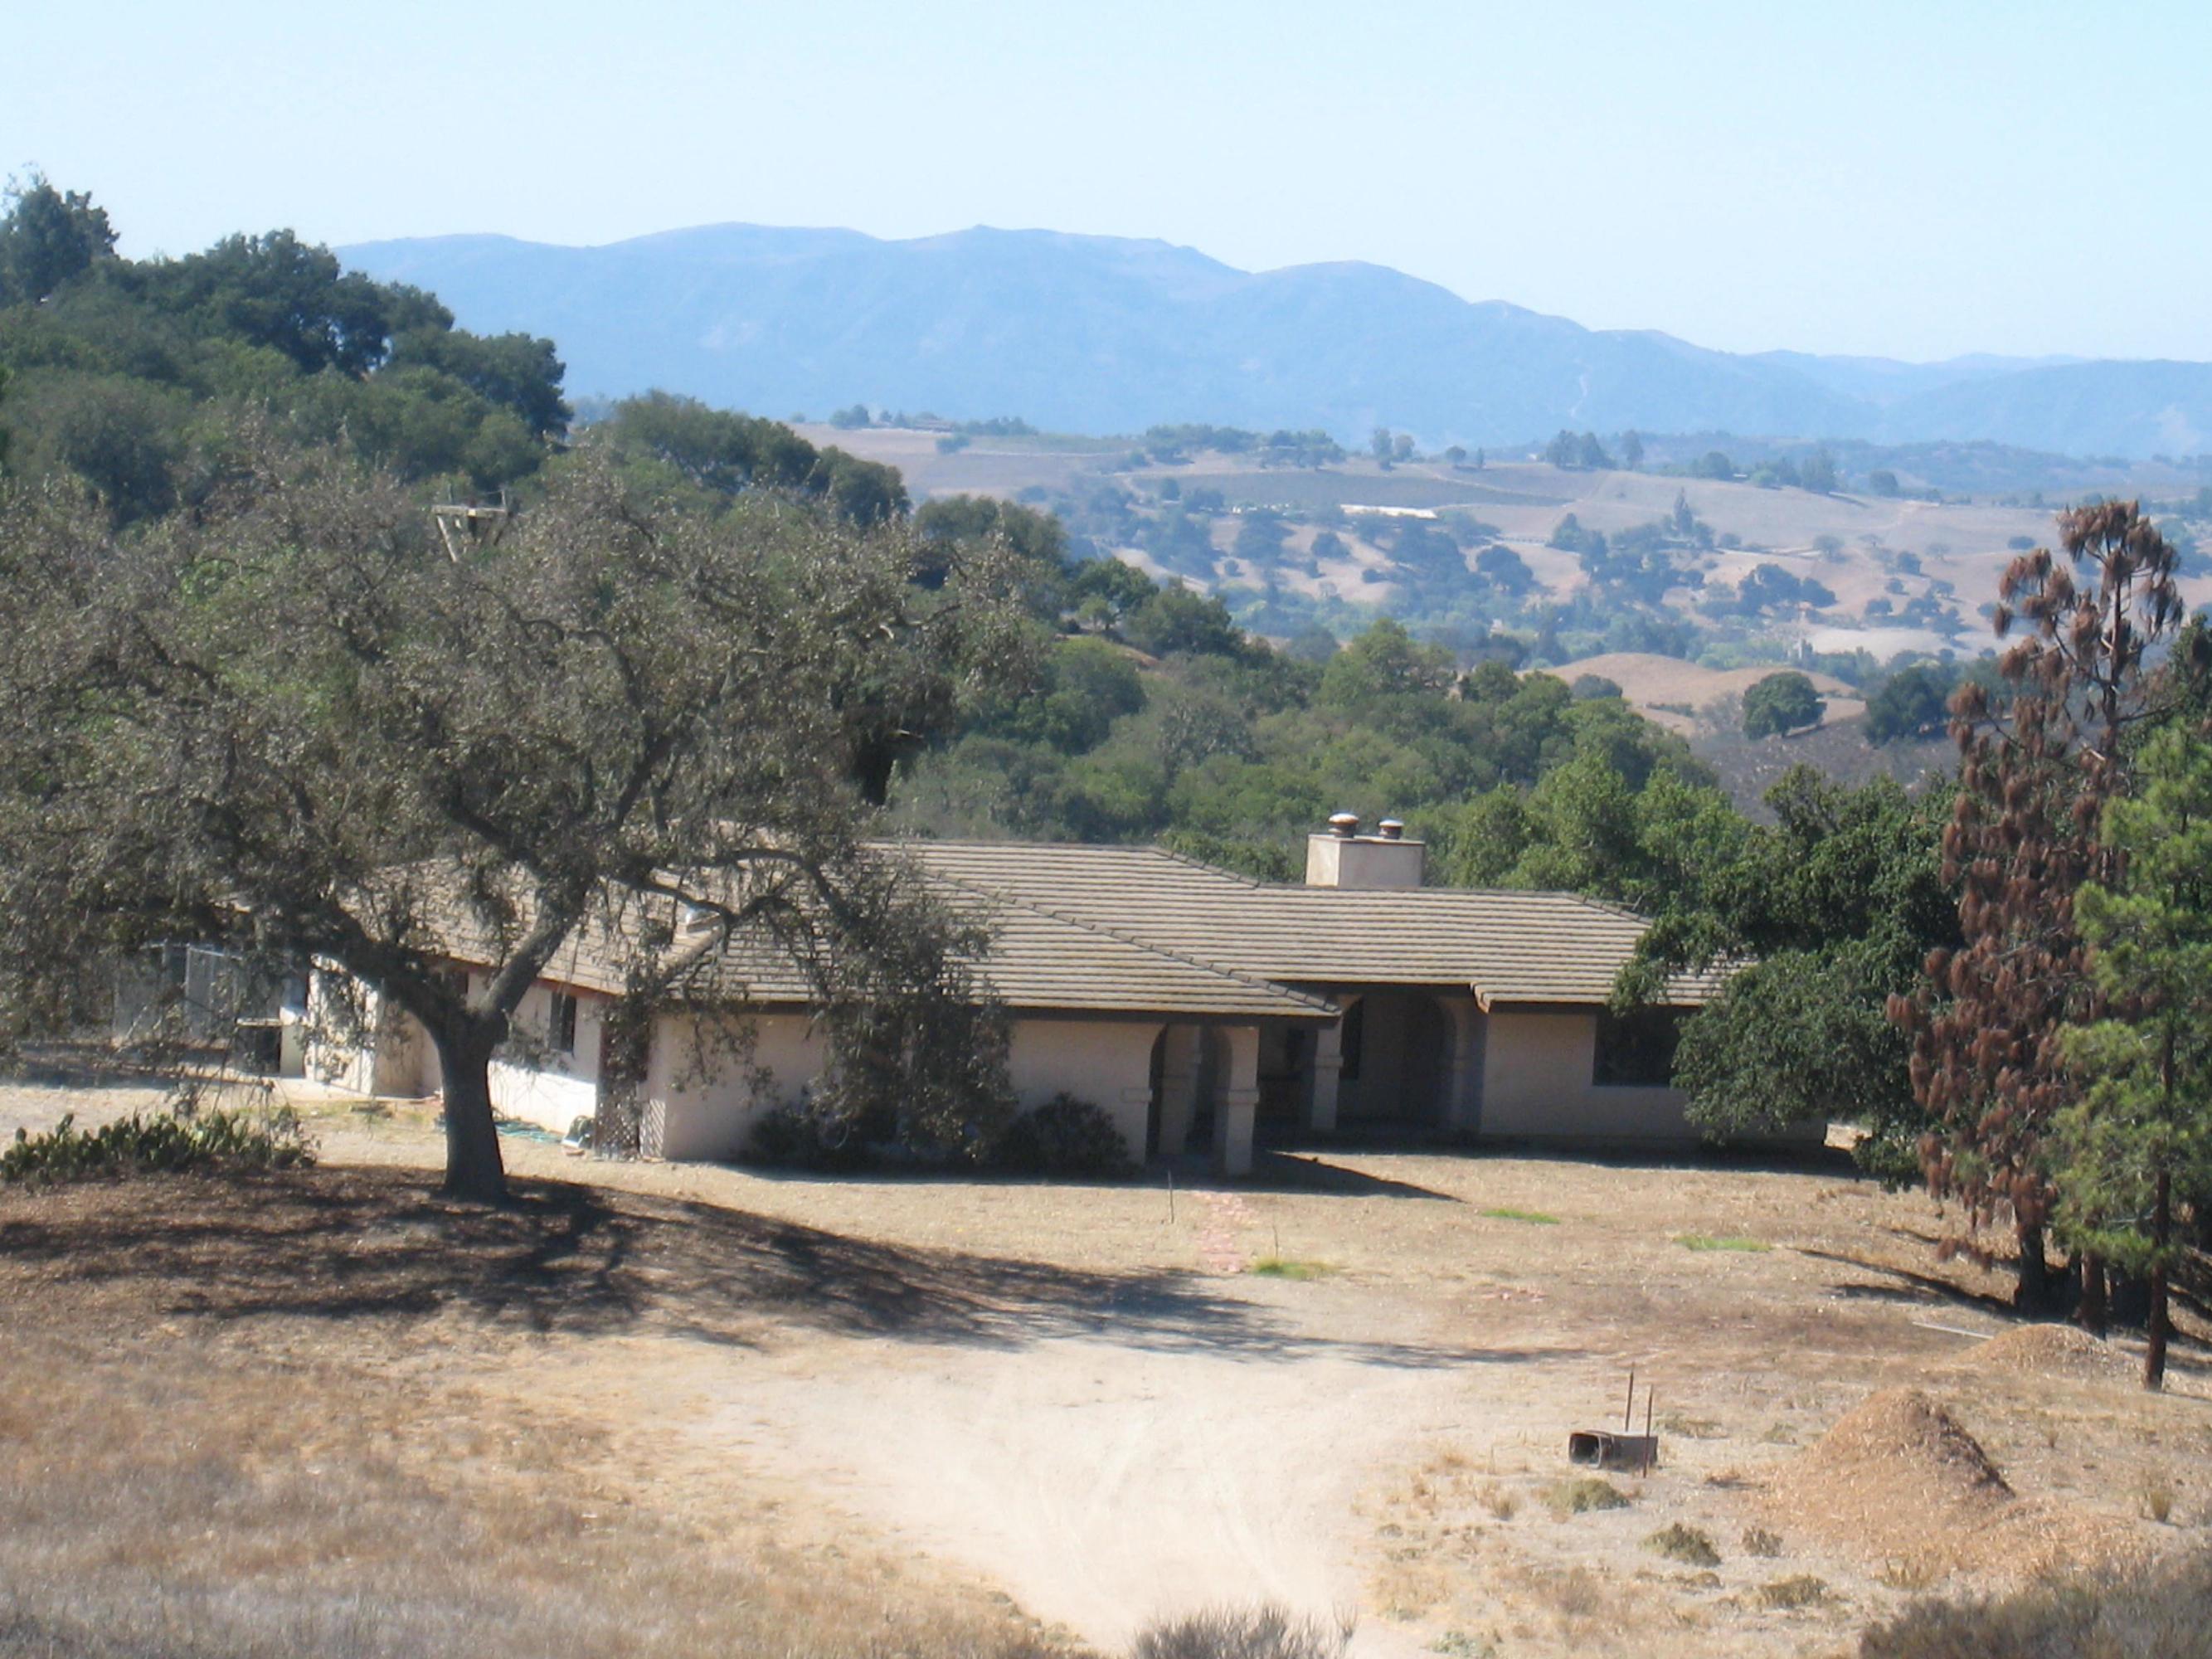 Property photo for 4285 Oak View Rd Santa Ynez, California 93460 - 14-3222